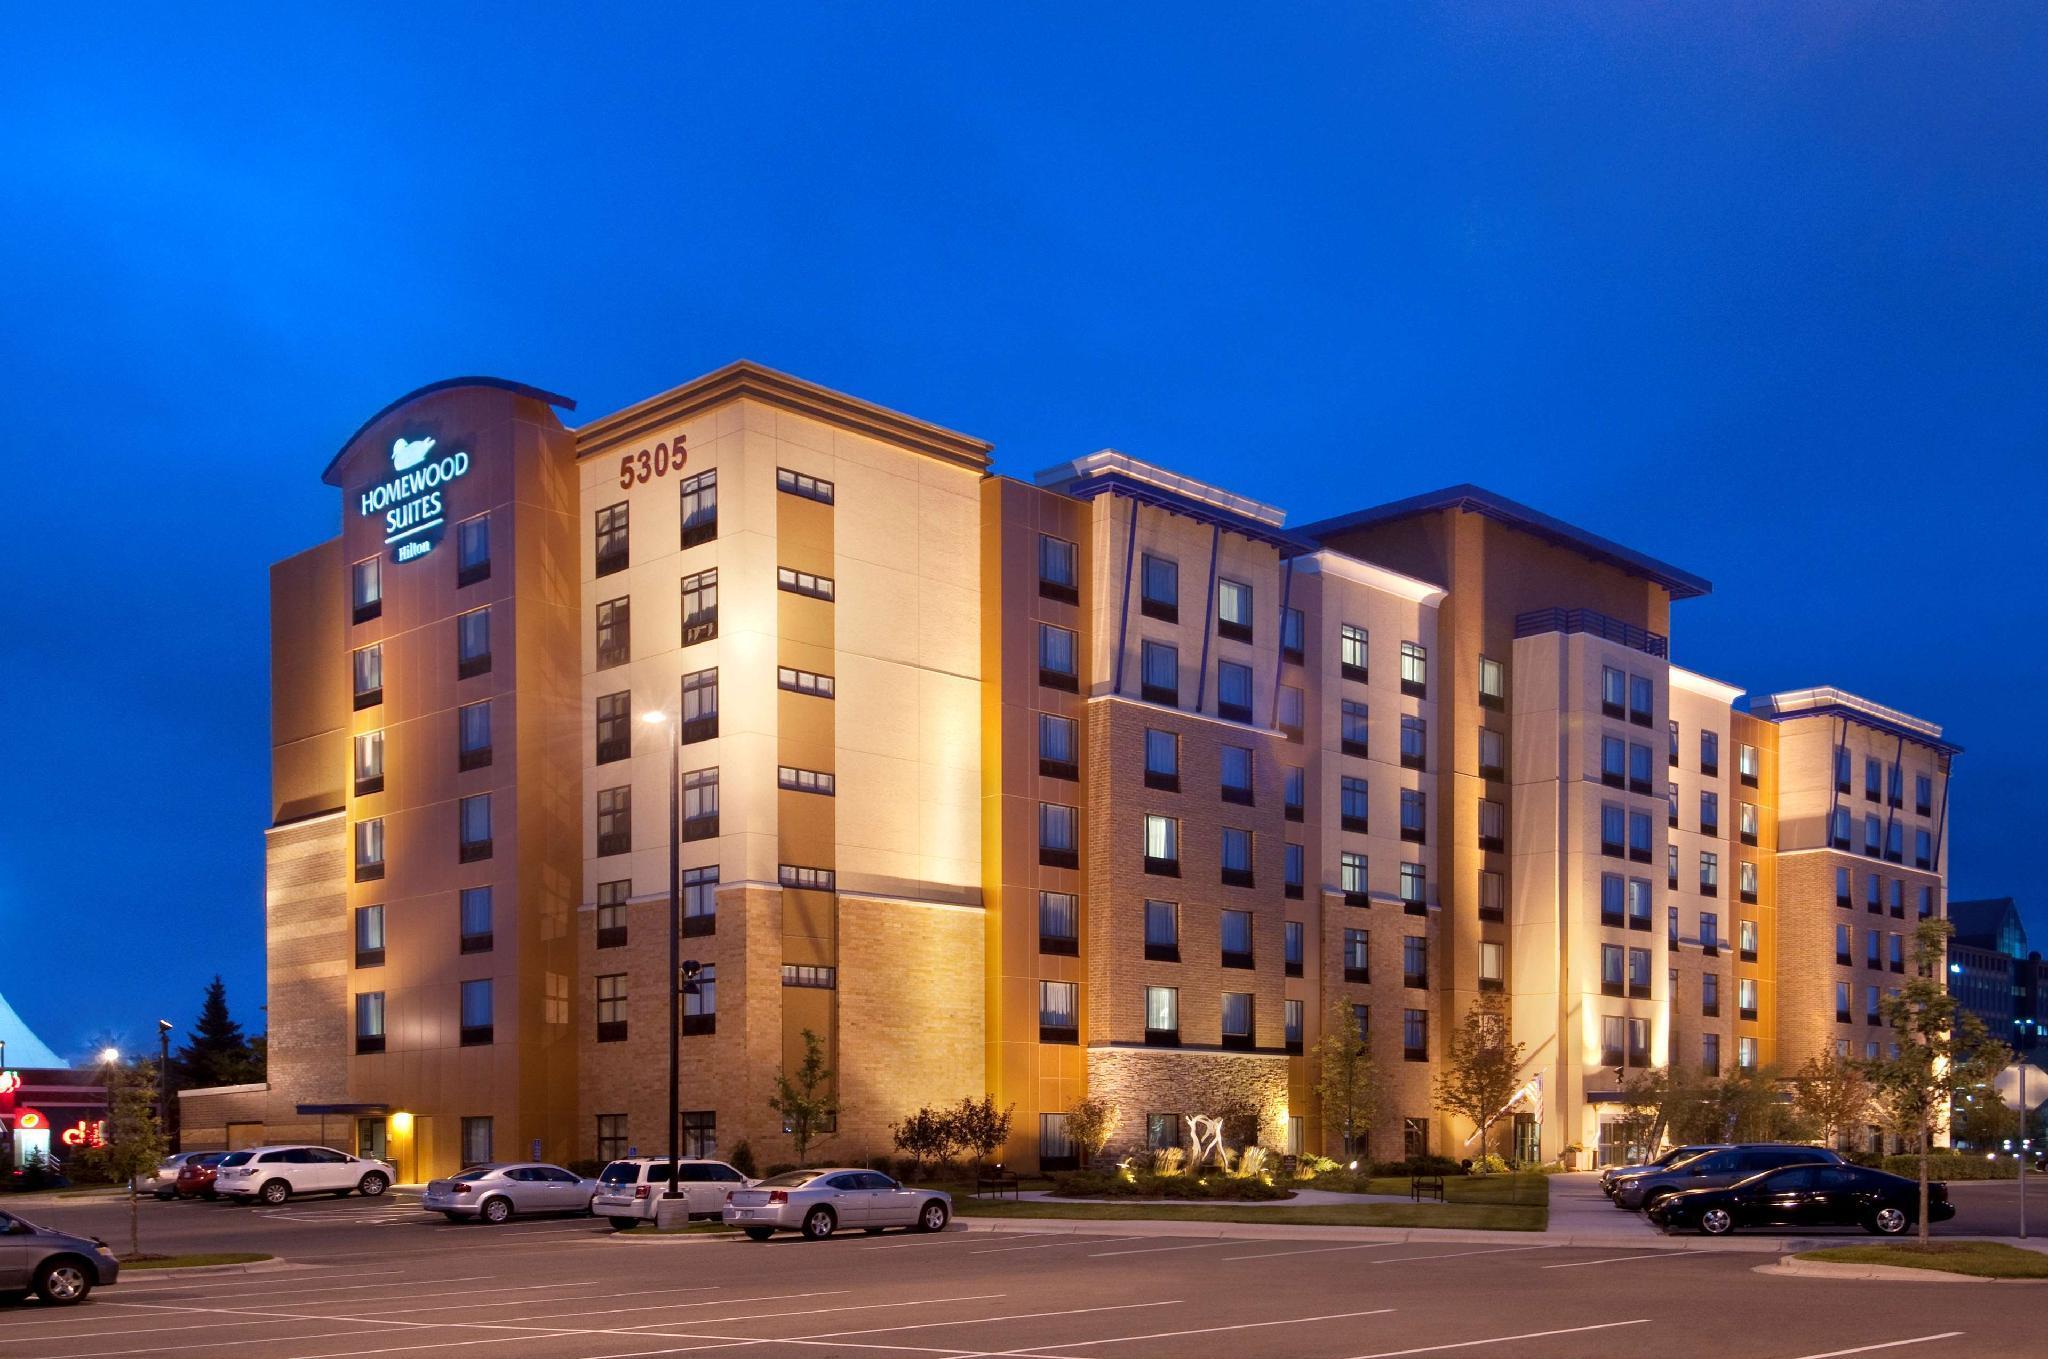 Homewood Suites By Hilton Minneapolis St. Louis Park